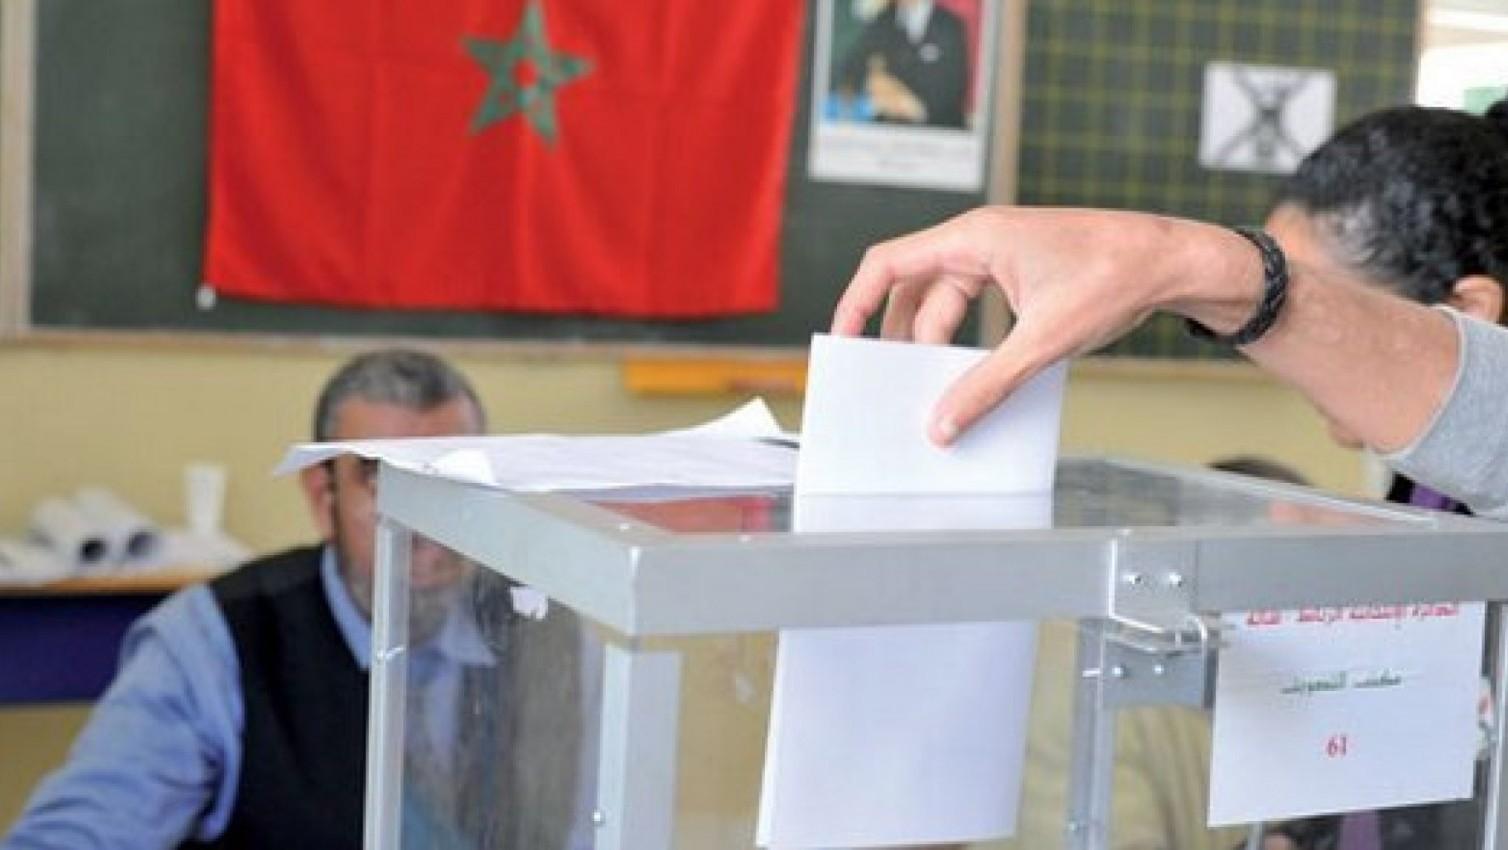 Le 8 septembre, les Marocains sont appelés à choisir leur chemin